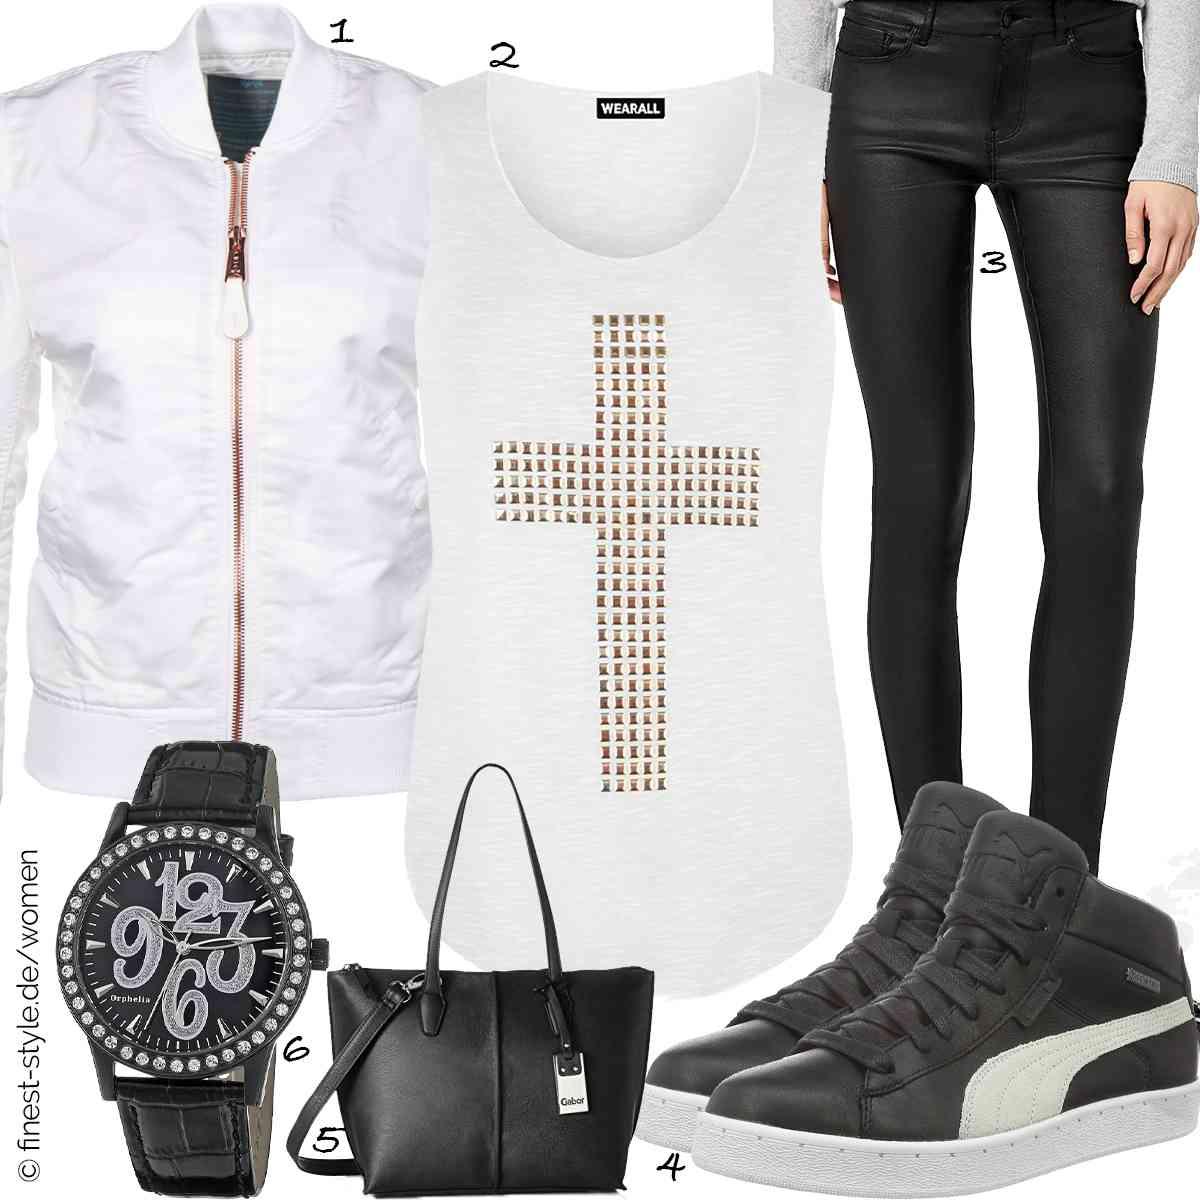 Top Herren-Outfit im Finest-Trend-Style für ein selbstbewusstes Modegefühl mit tollen Produkten von Alpha Industries,WearAll,VERO MODA,Puma,Gabor,Orphelia